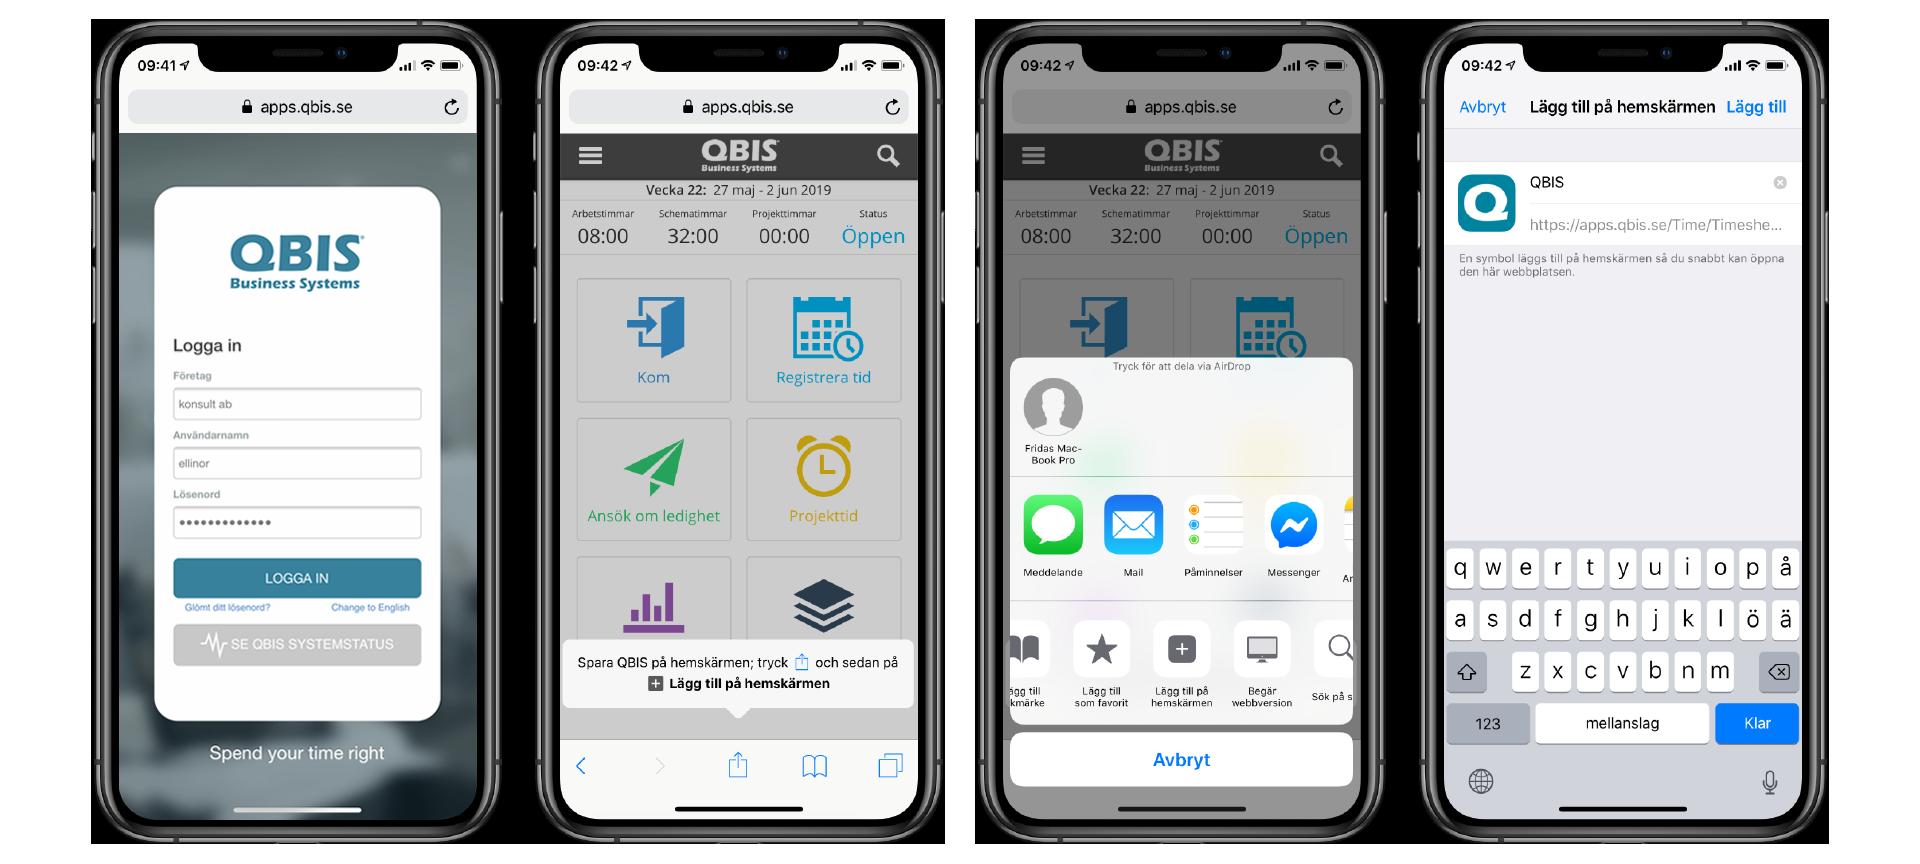 Tidrapportering app - lägg till på din startskärm på iPhone | QBIS